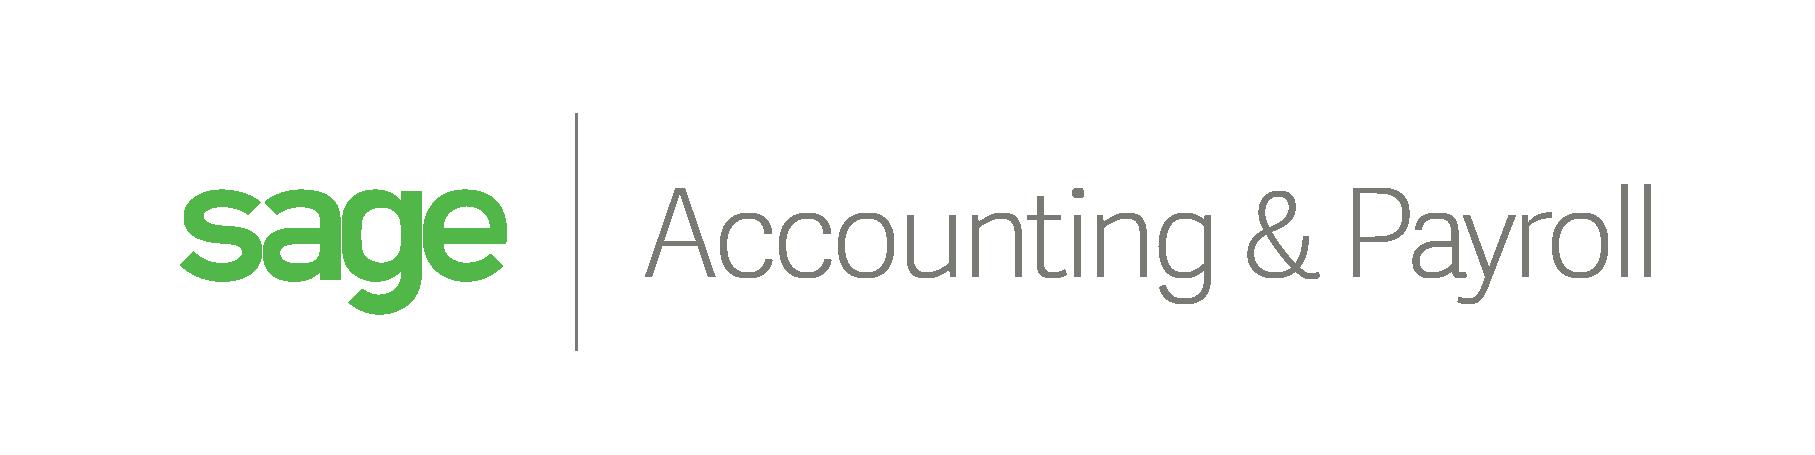 Sage accounting & payroll